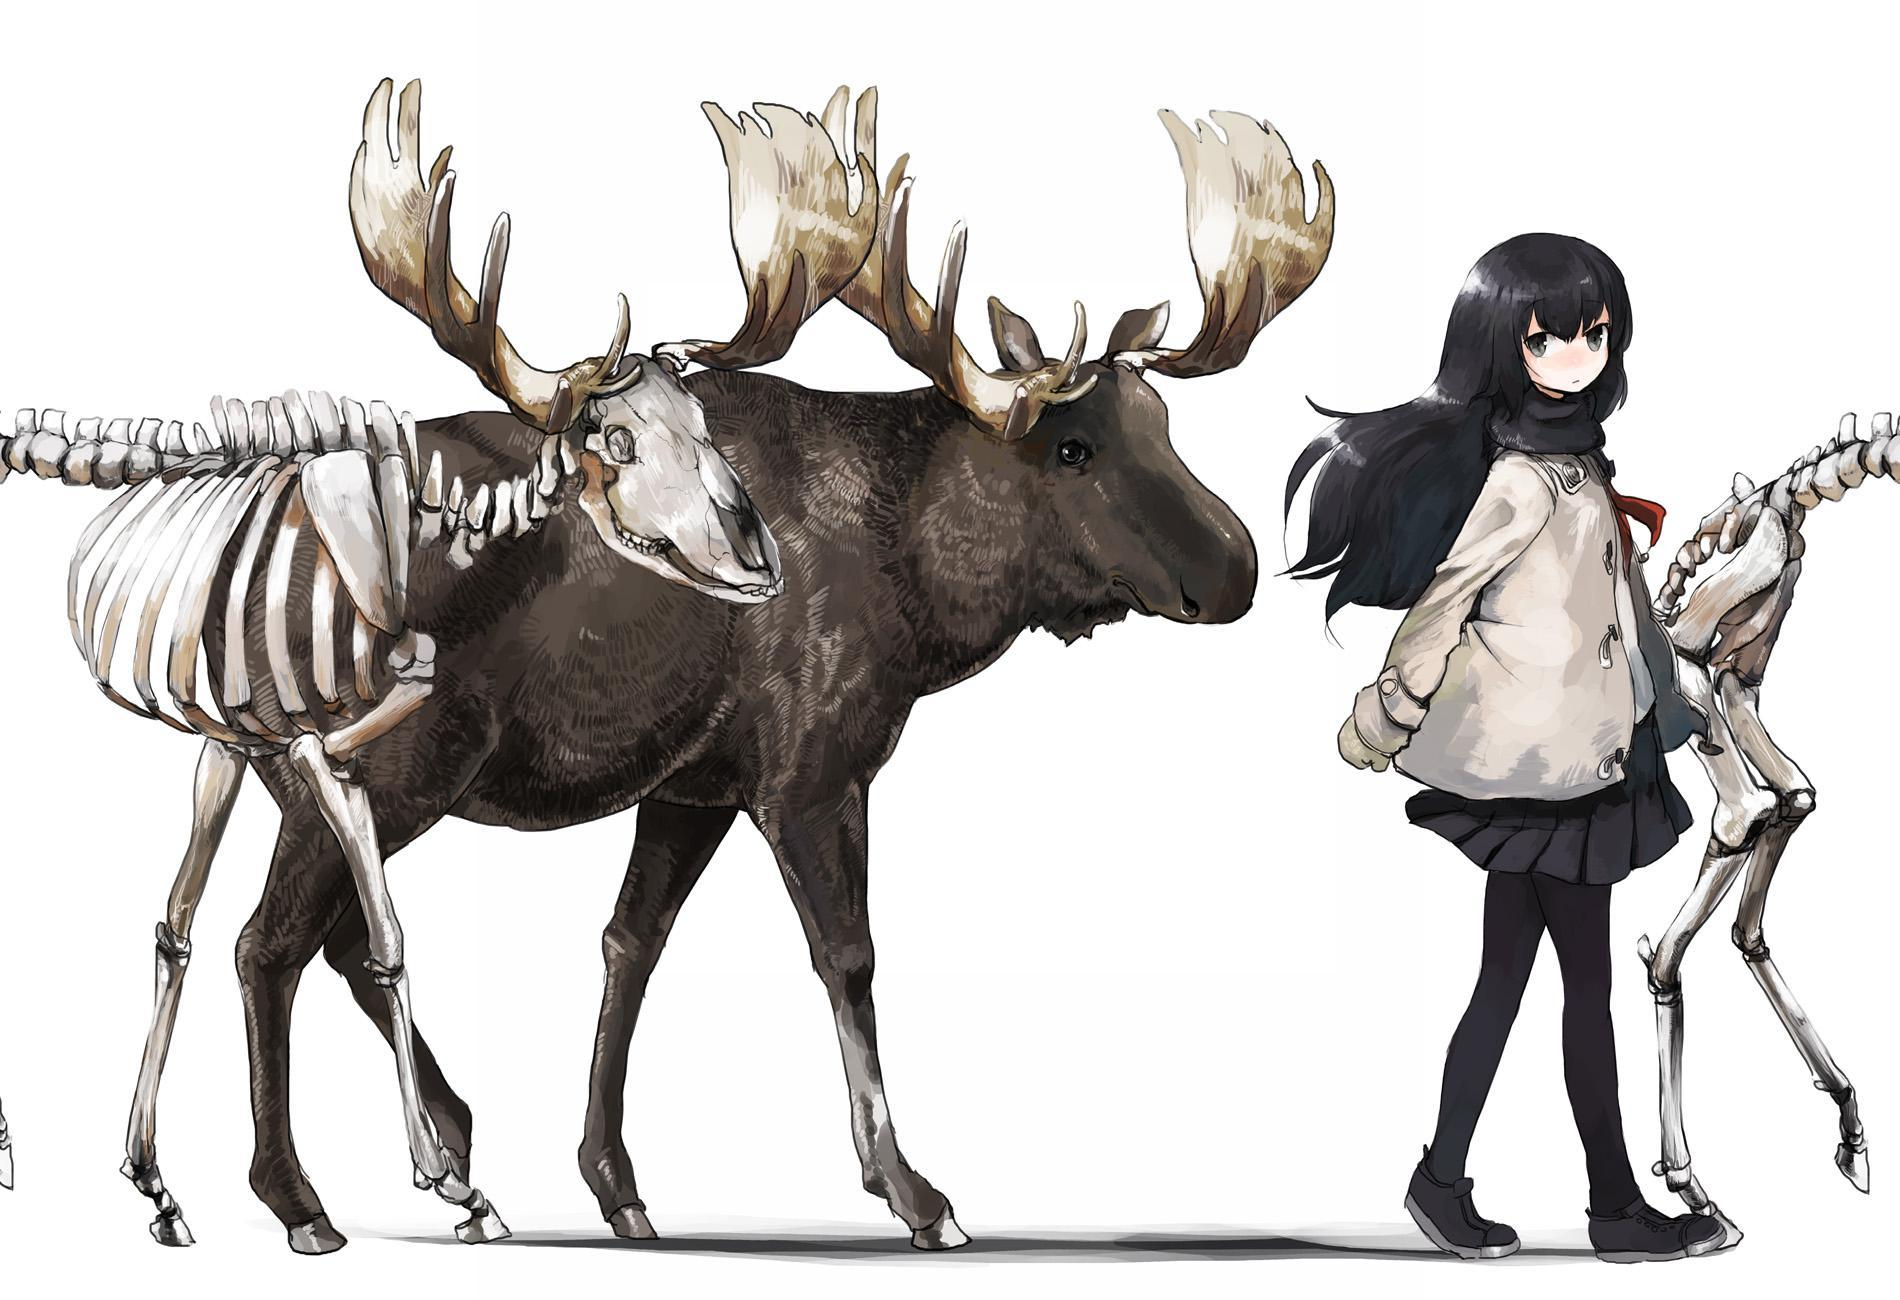 P站画师作品肉和骨头